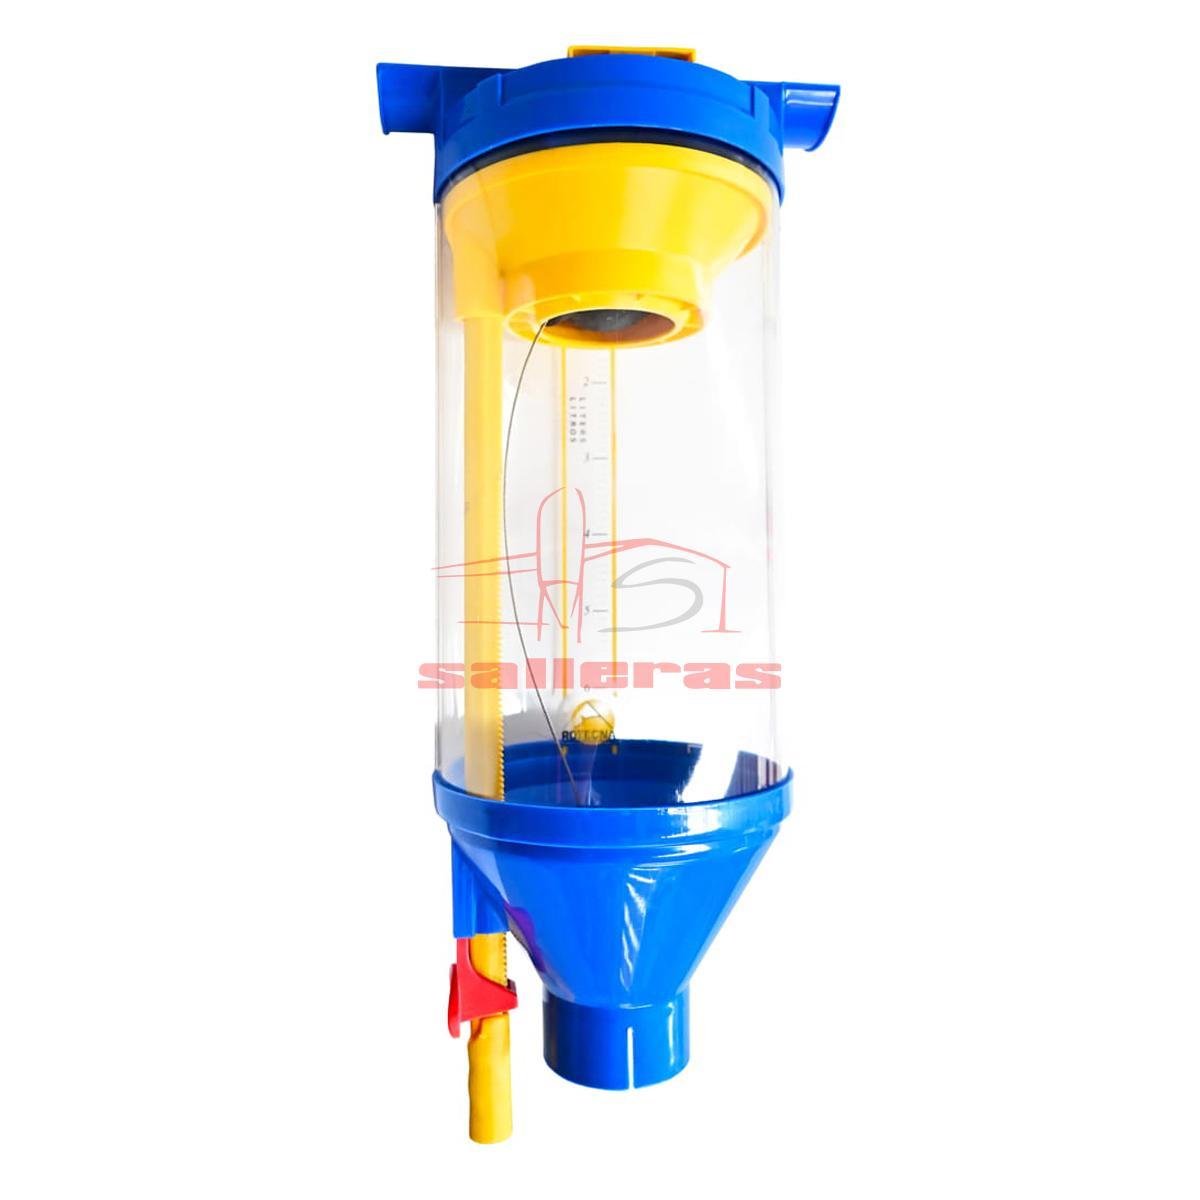 Dosificador de pienso y harina de 6 litros color azul